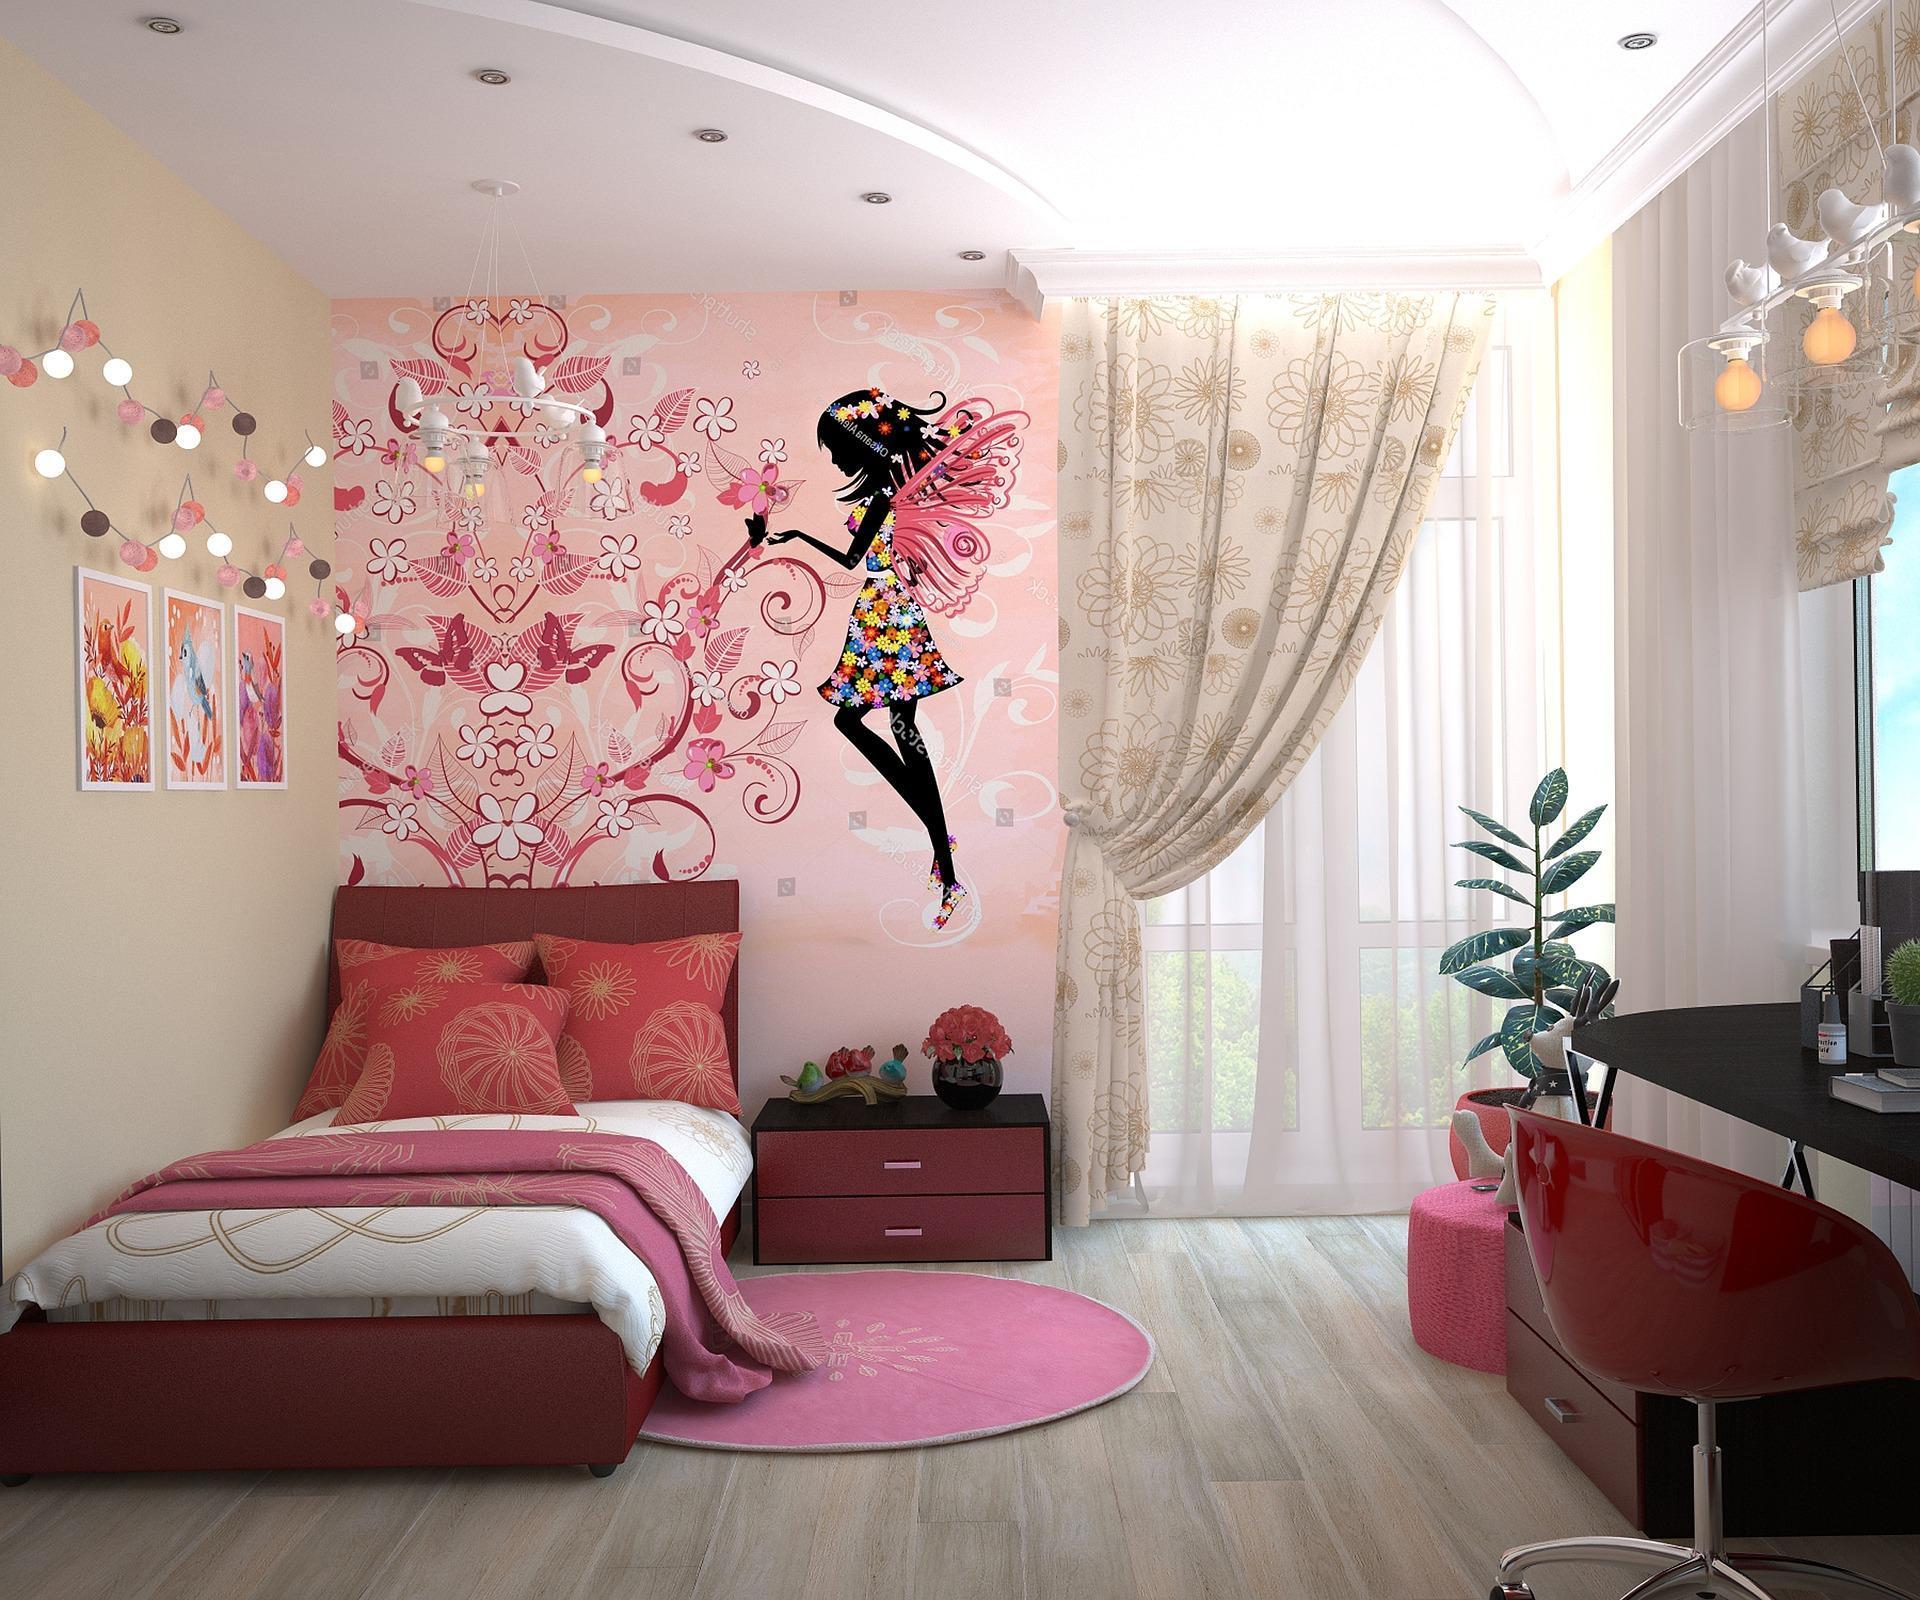 Decoration Interieur Maison for Android - APK Download